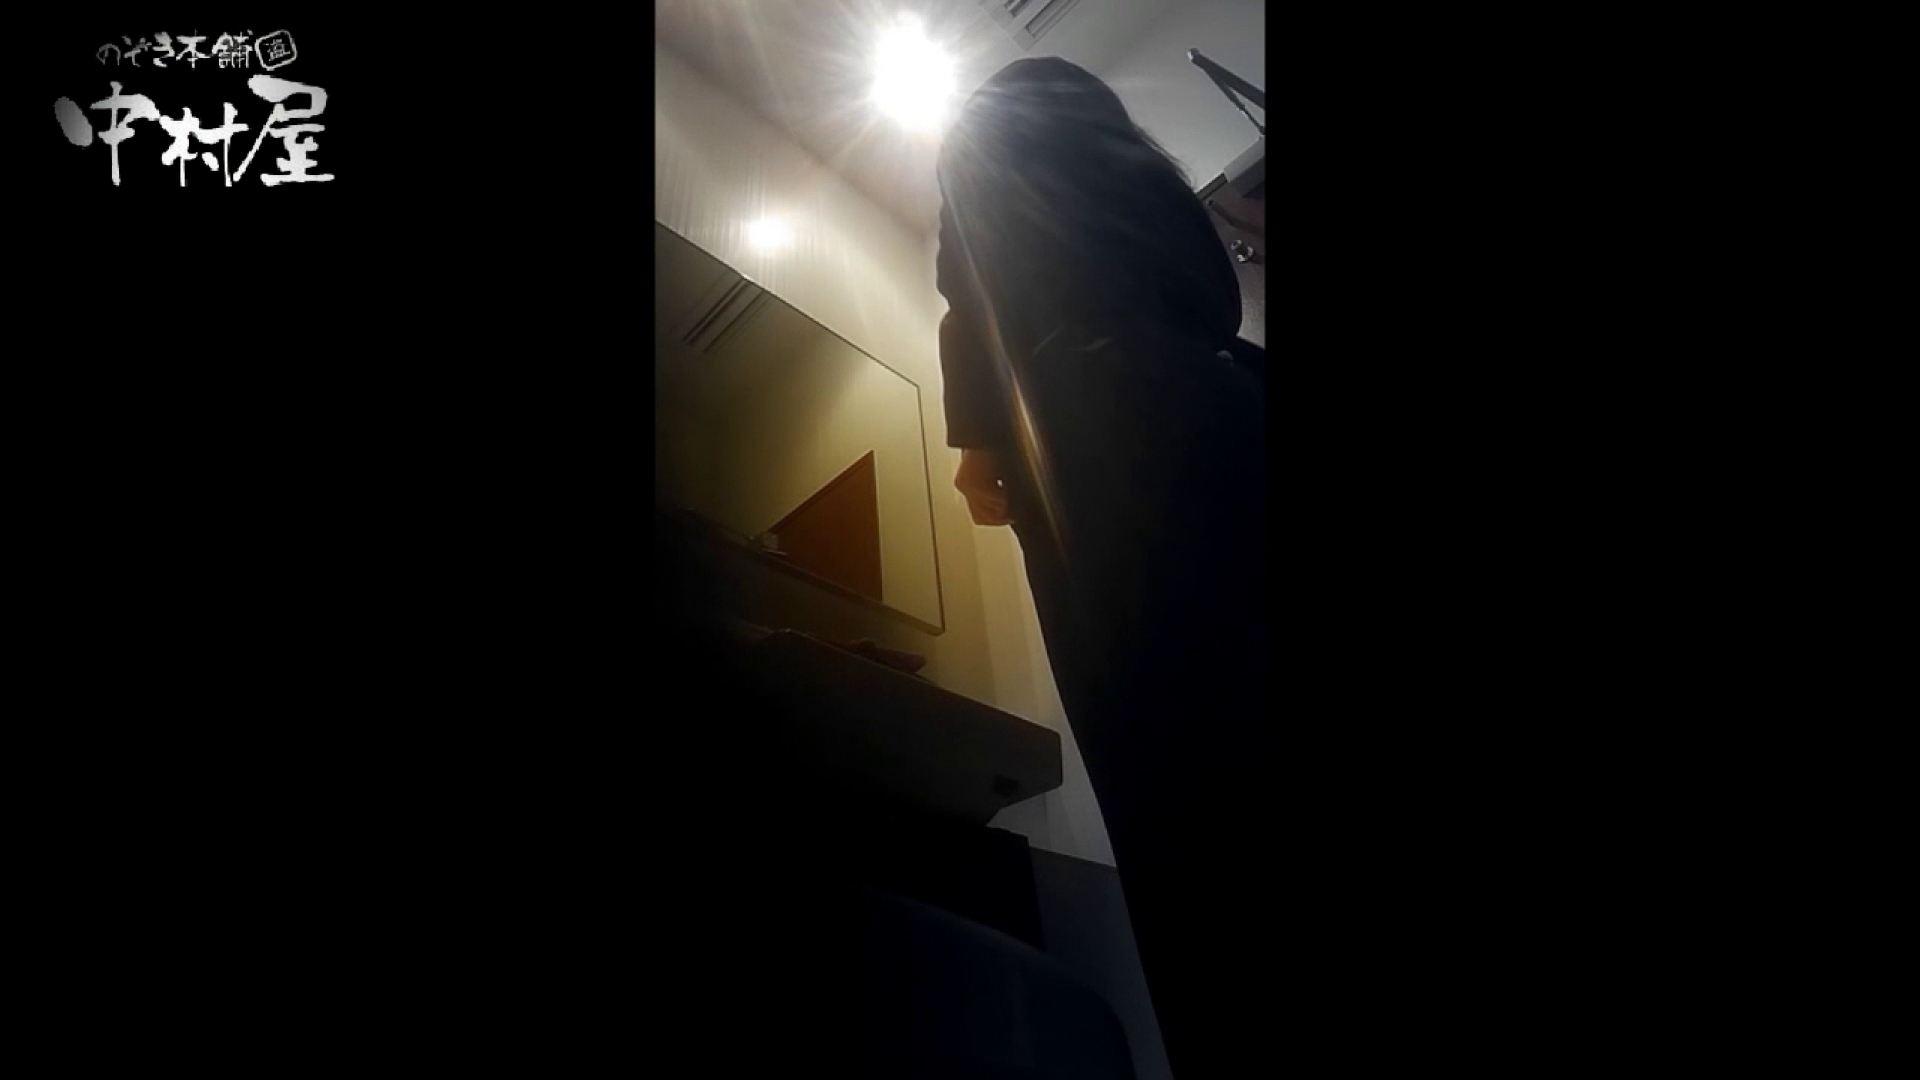 高画質トイレ盗撮vol.15 高画質 隠し撮りおまんこ動画流出 111画像 84